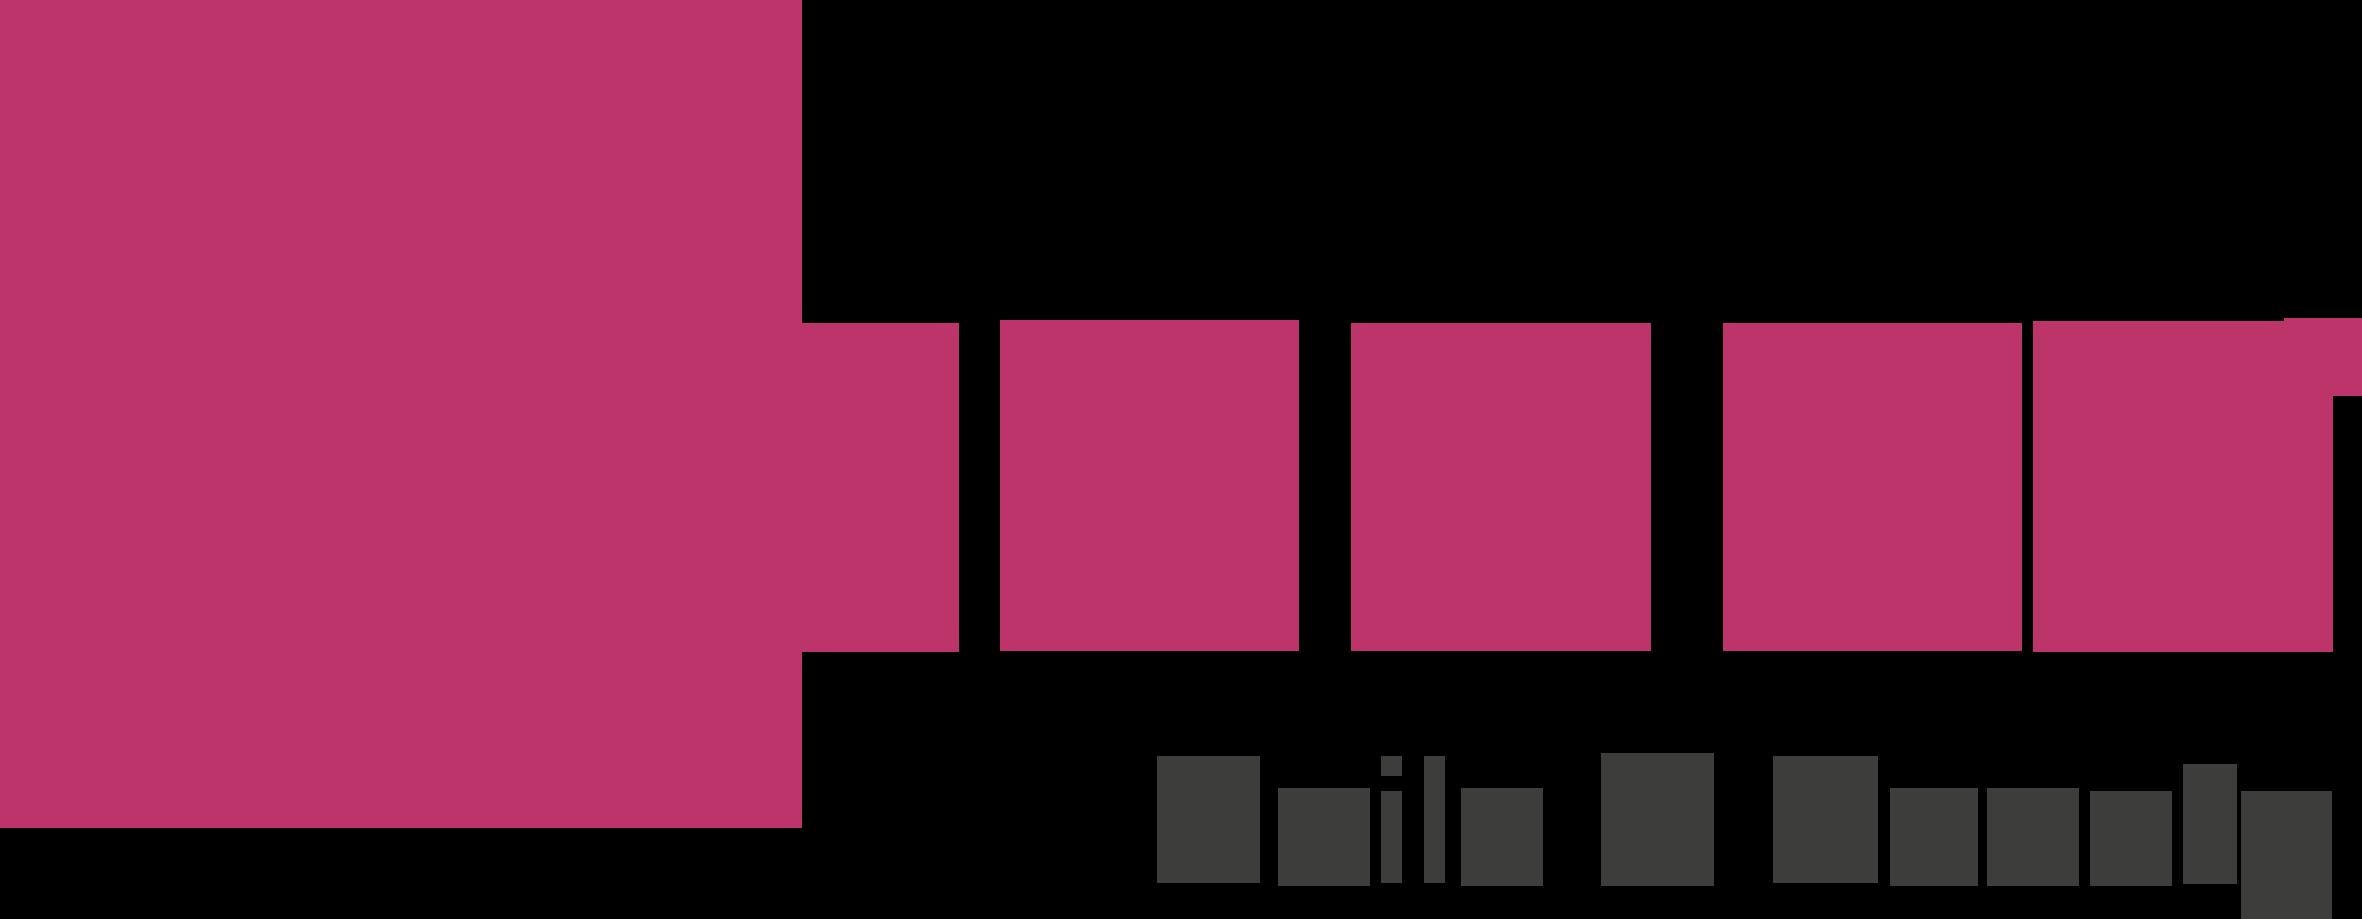 Amanda Nails Studio Nägel ab 59.- Beauty Kosmetik Ausbildung IPL Produkte UV Gel Schule Zürich